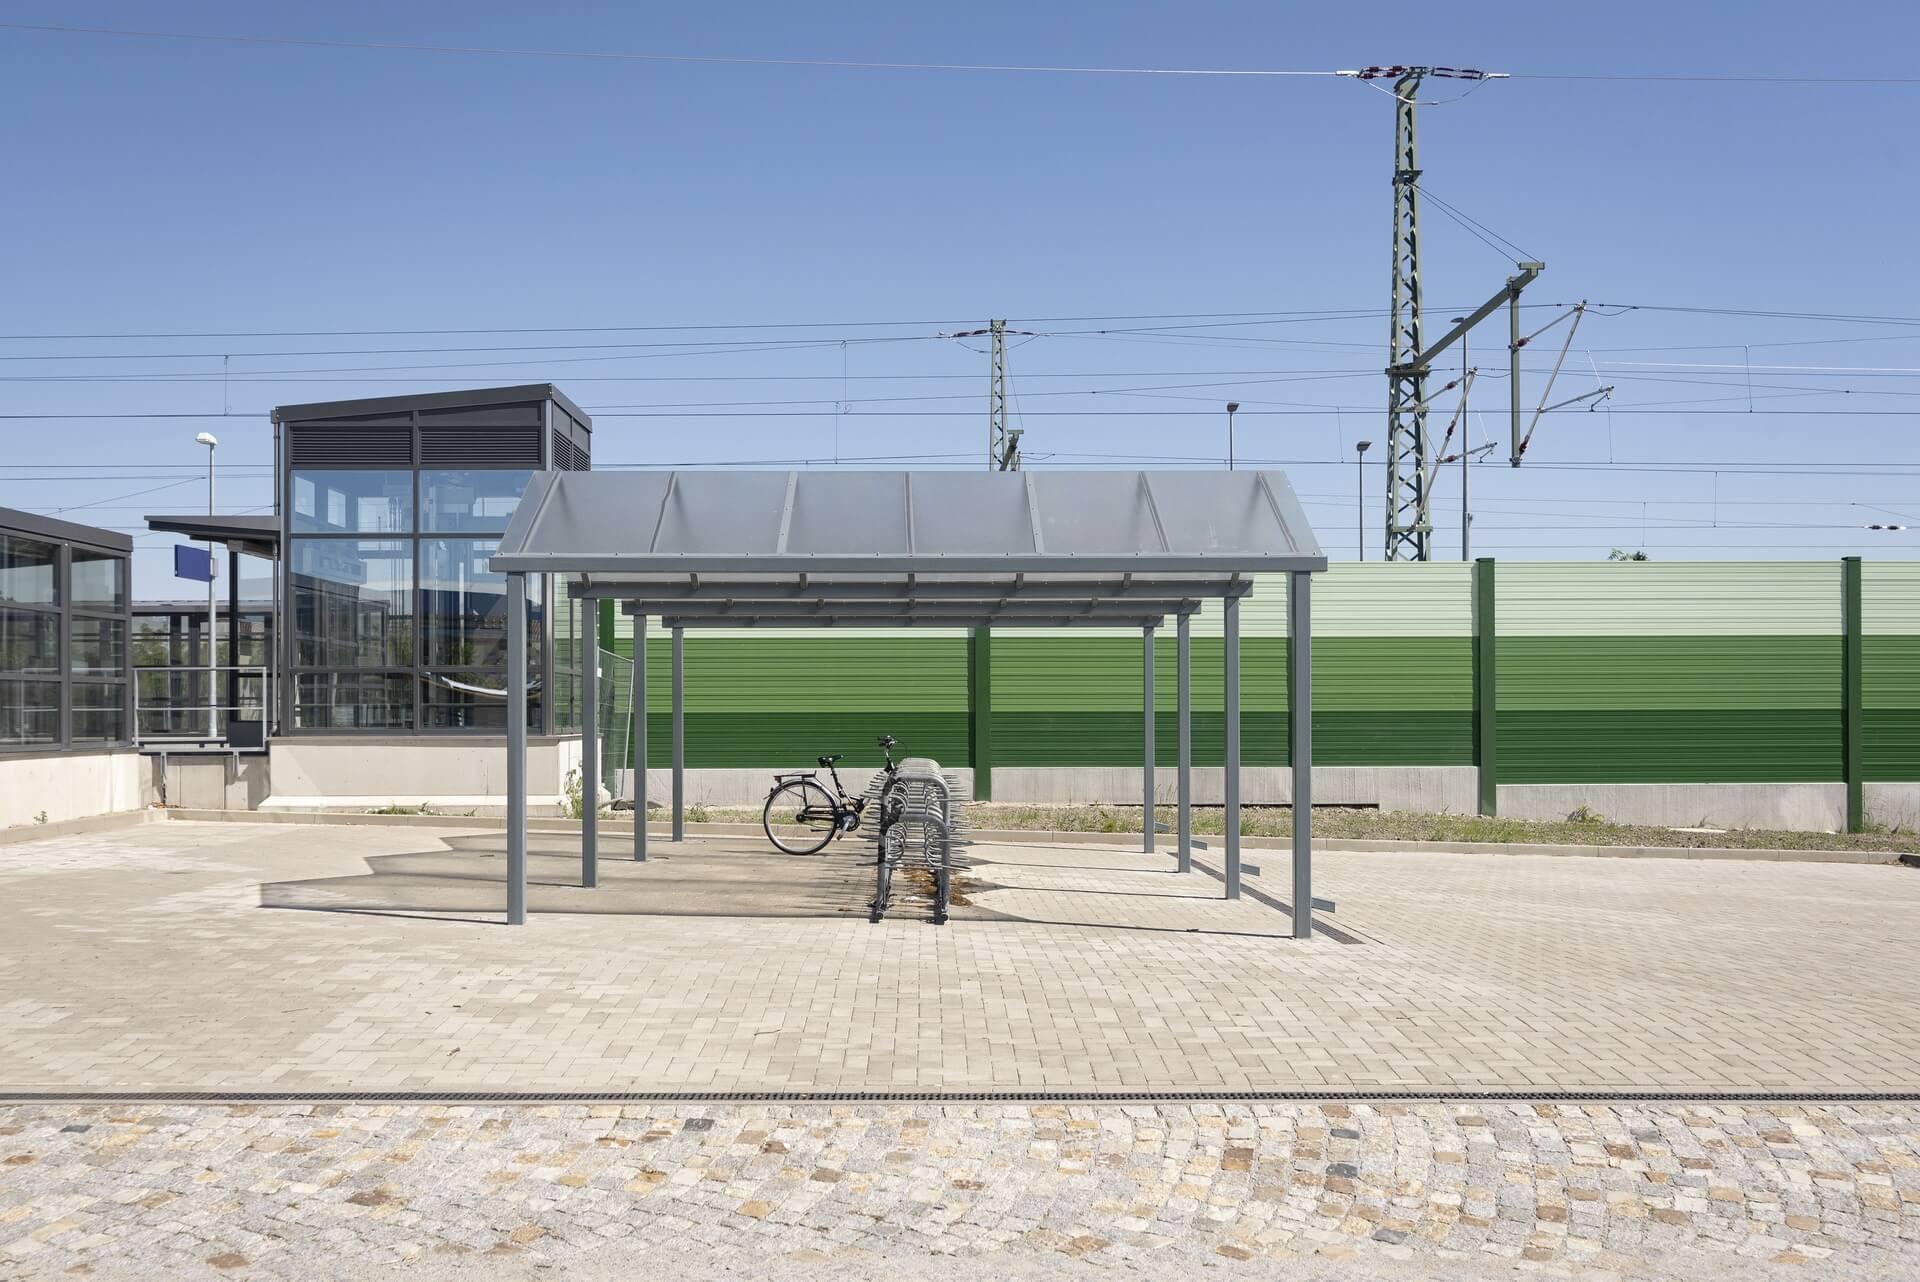 Niesky, am Bahnhof